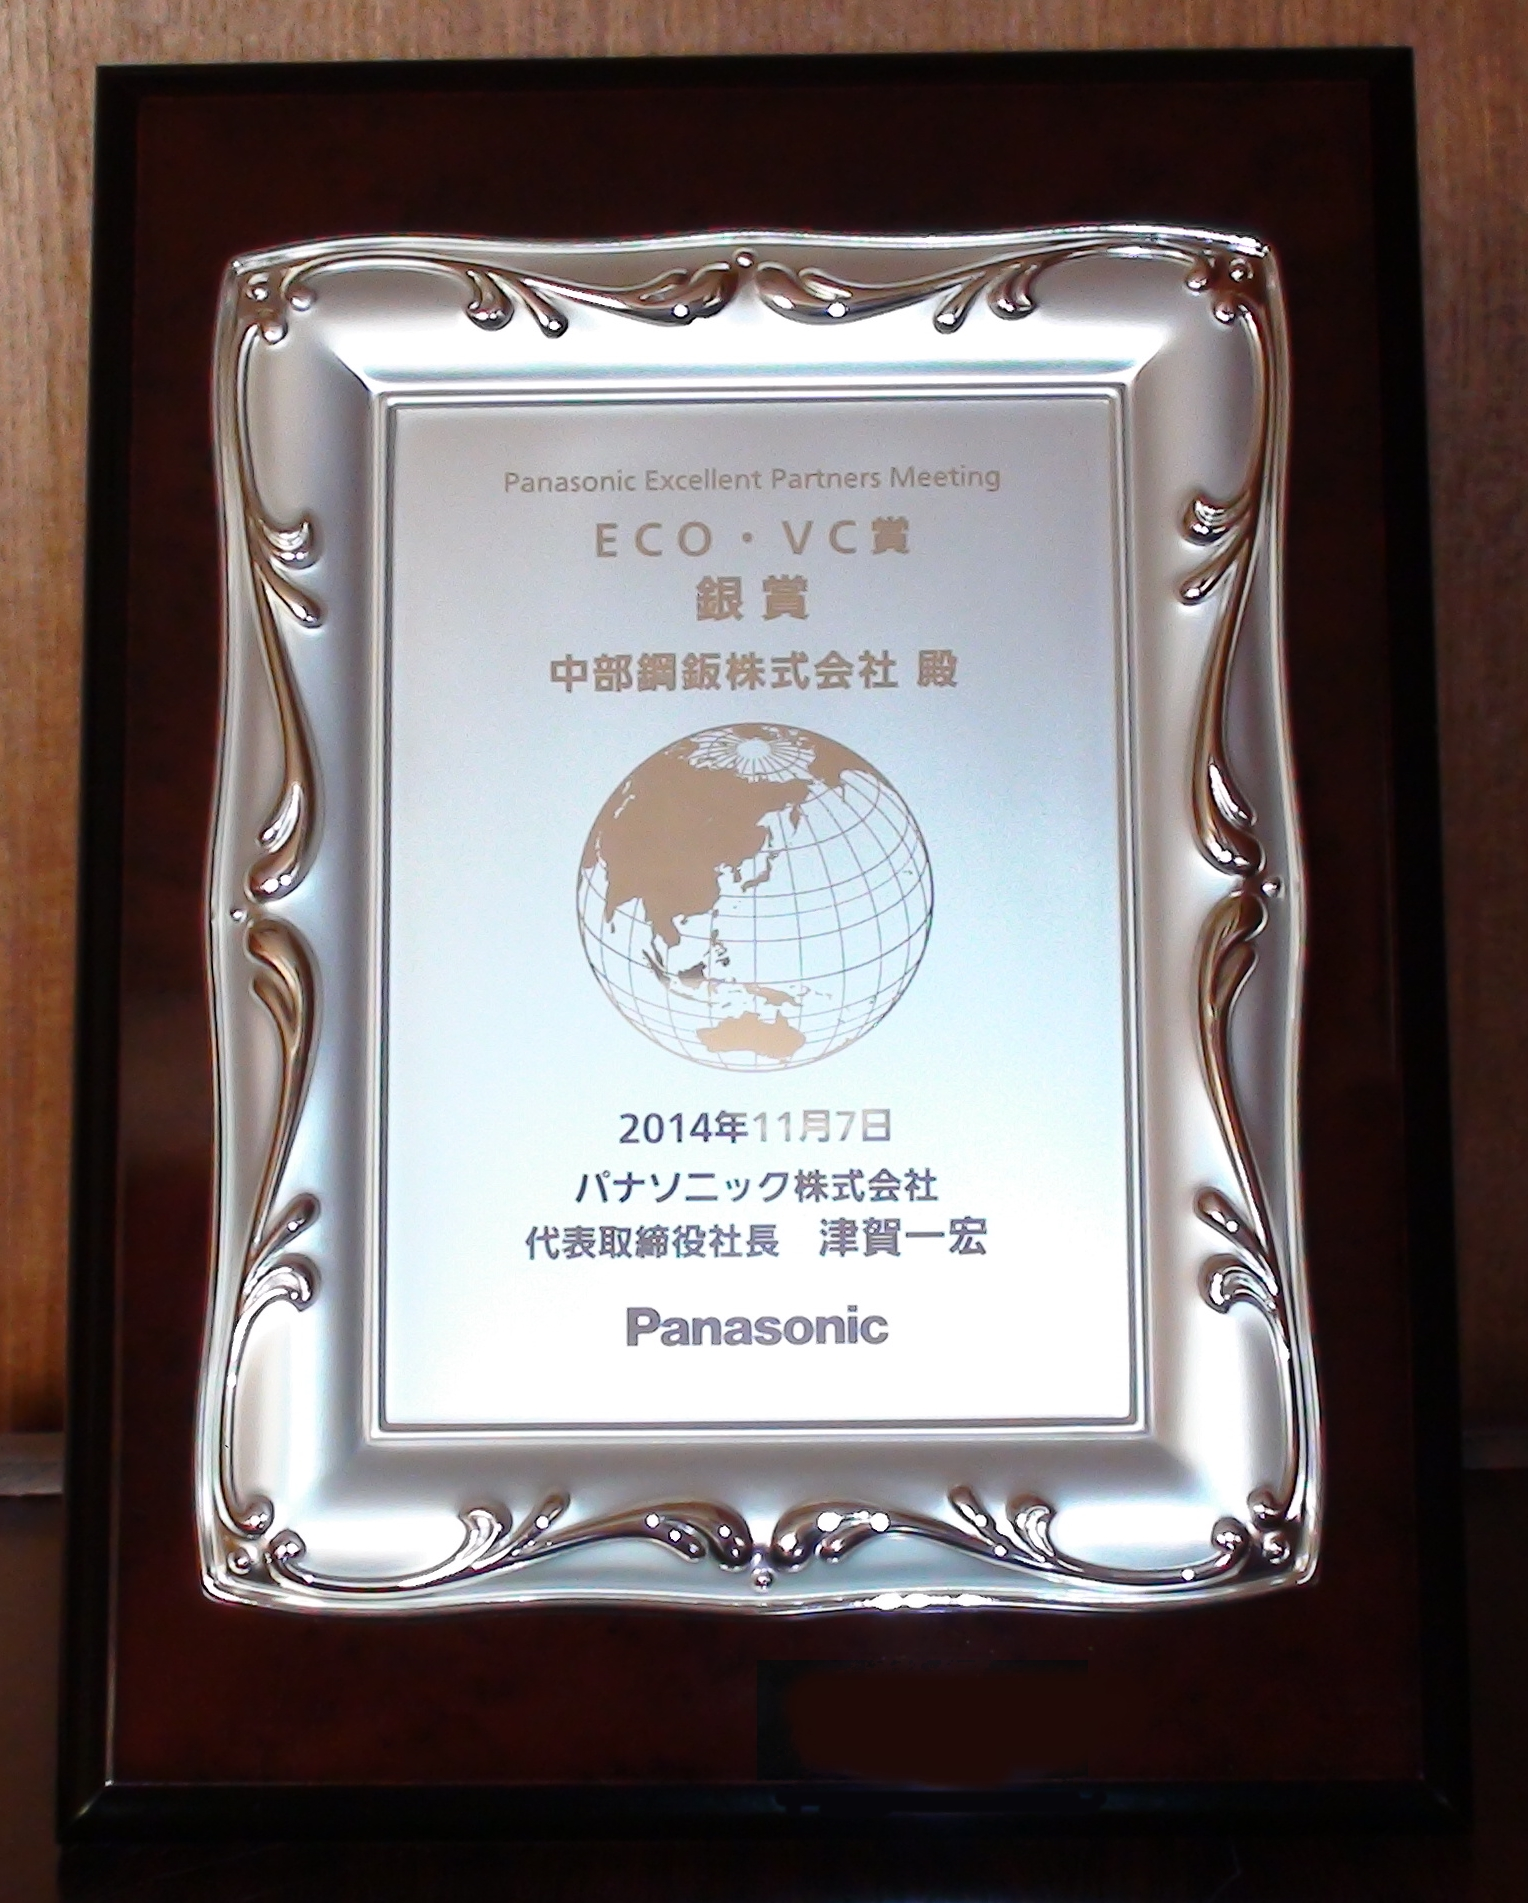 パナソニック株式会社様 ECO・VC活動で銀賞を受賞